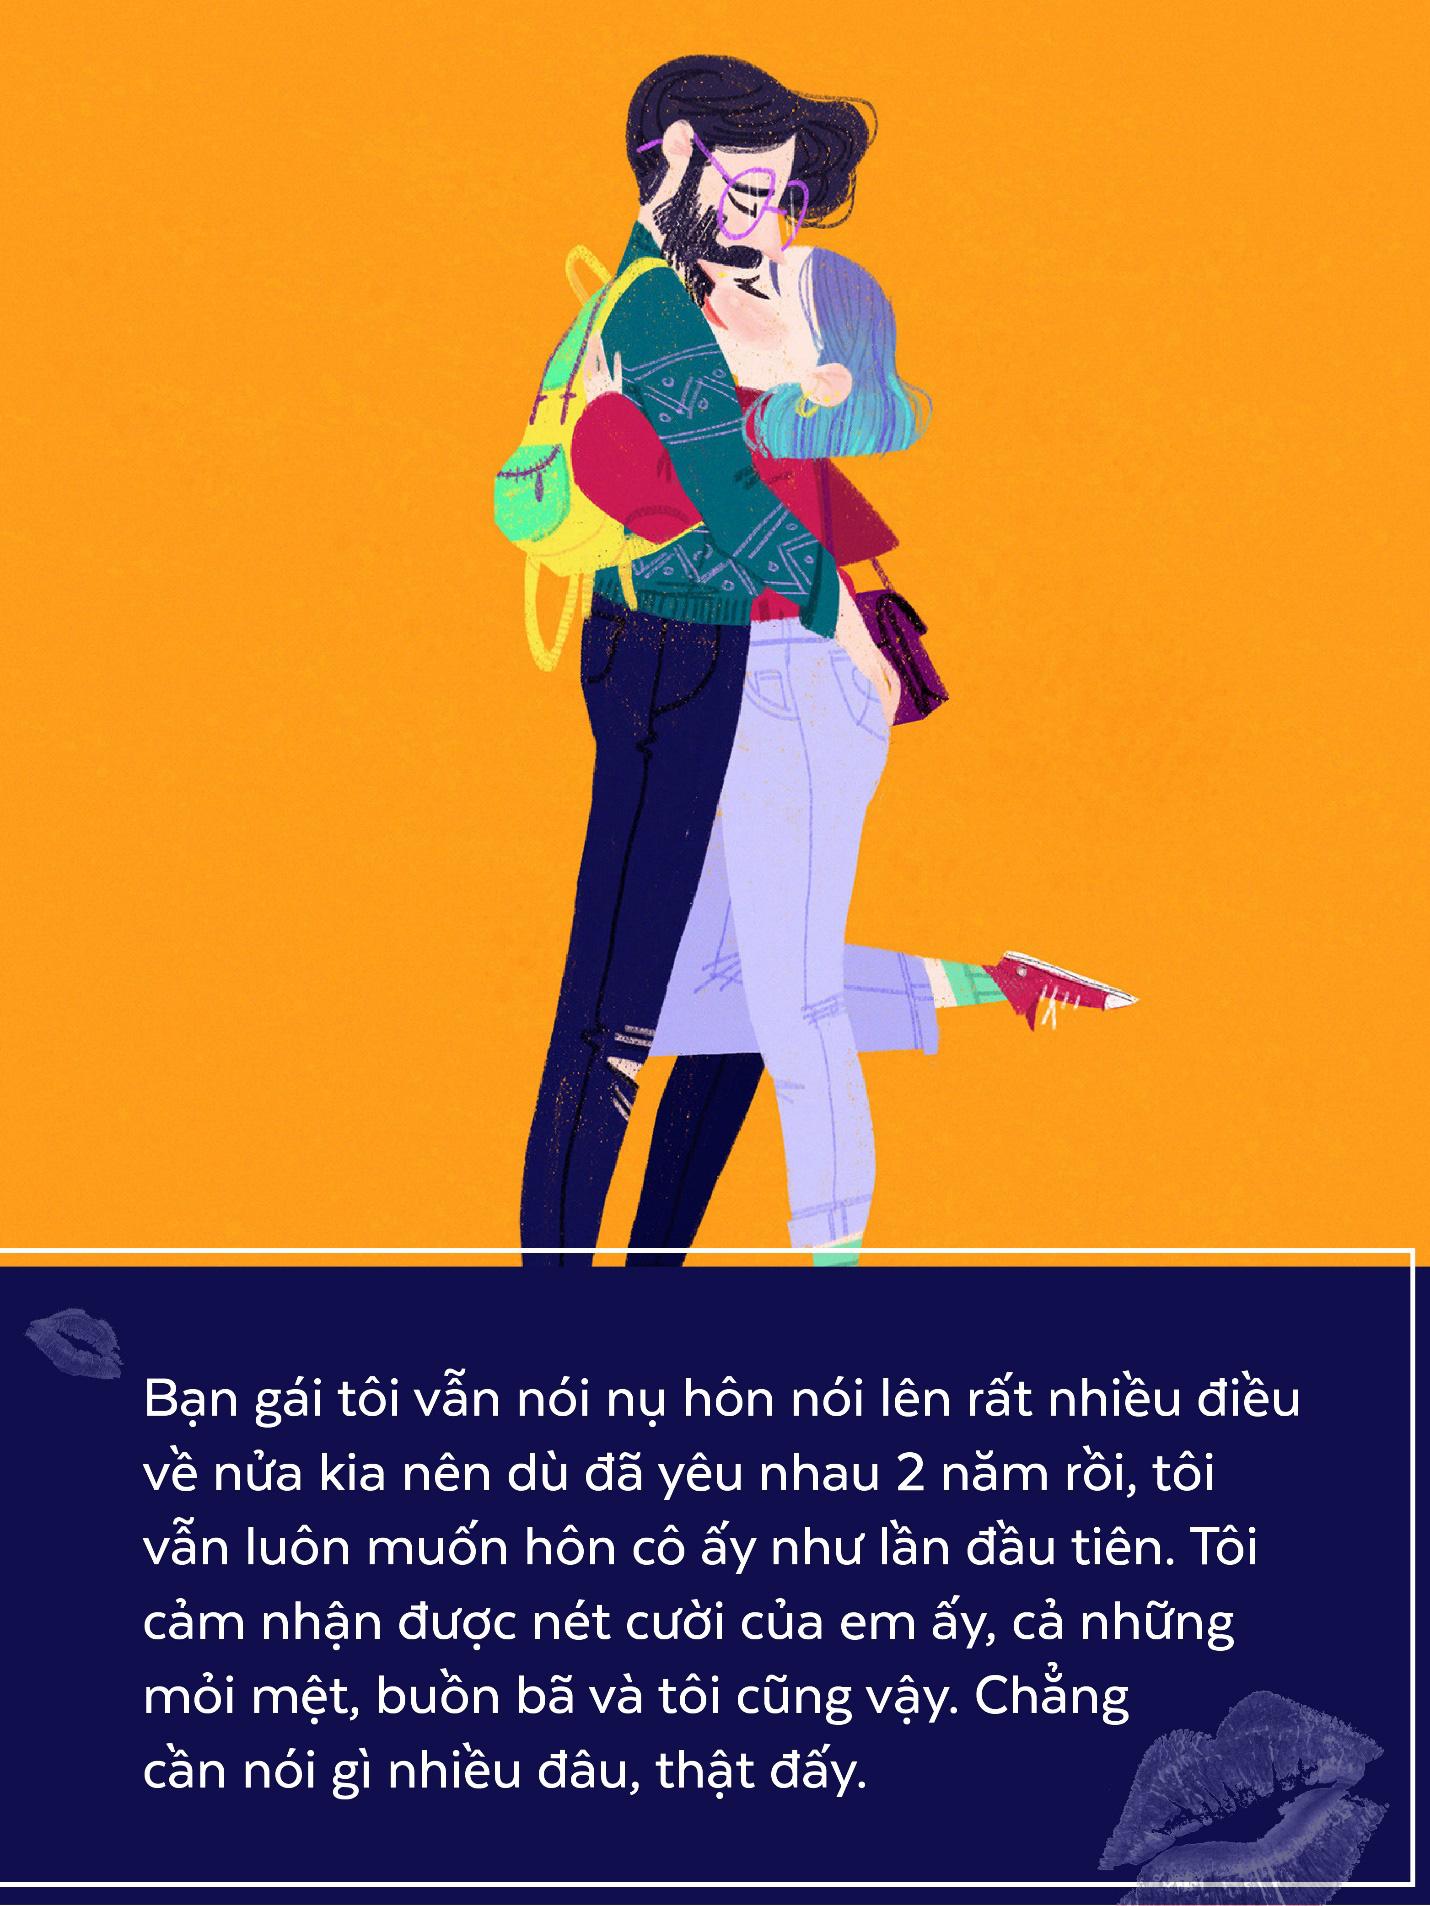 Nụ hôn đâu chỉ là cái chạm môi, với con trai, điều ấy còn ẩn chứa cả ngàn ý nghĩa - Ảnh 2.